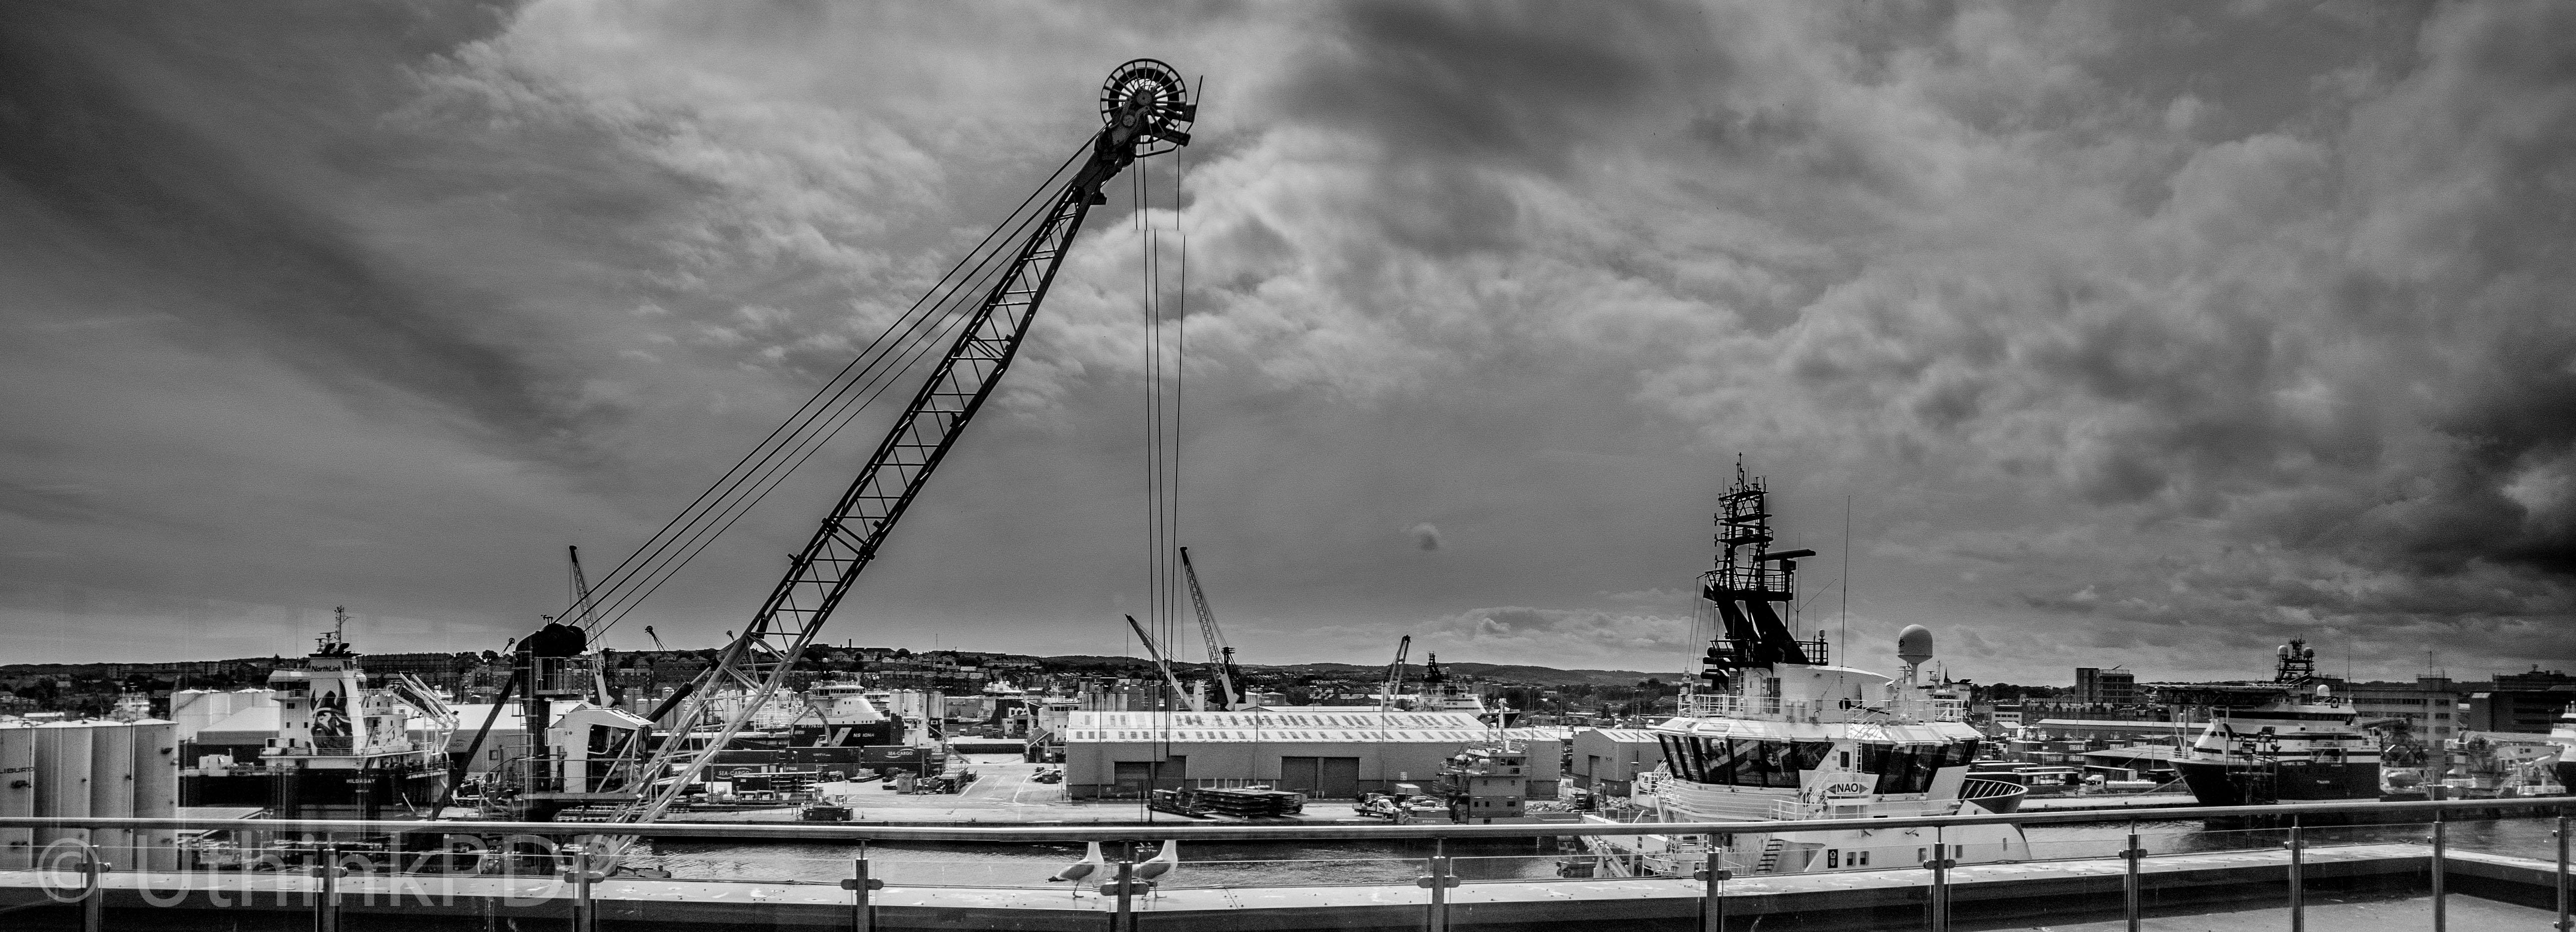 Image Aberdeen Docks